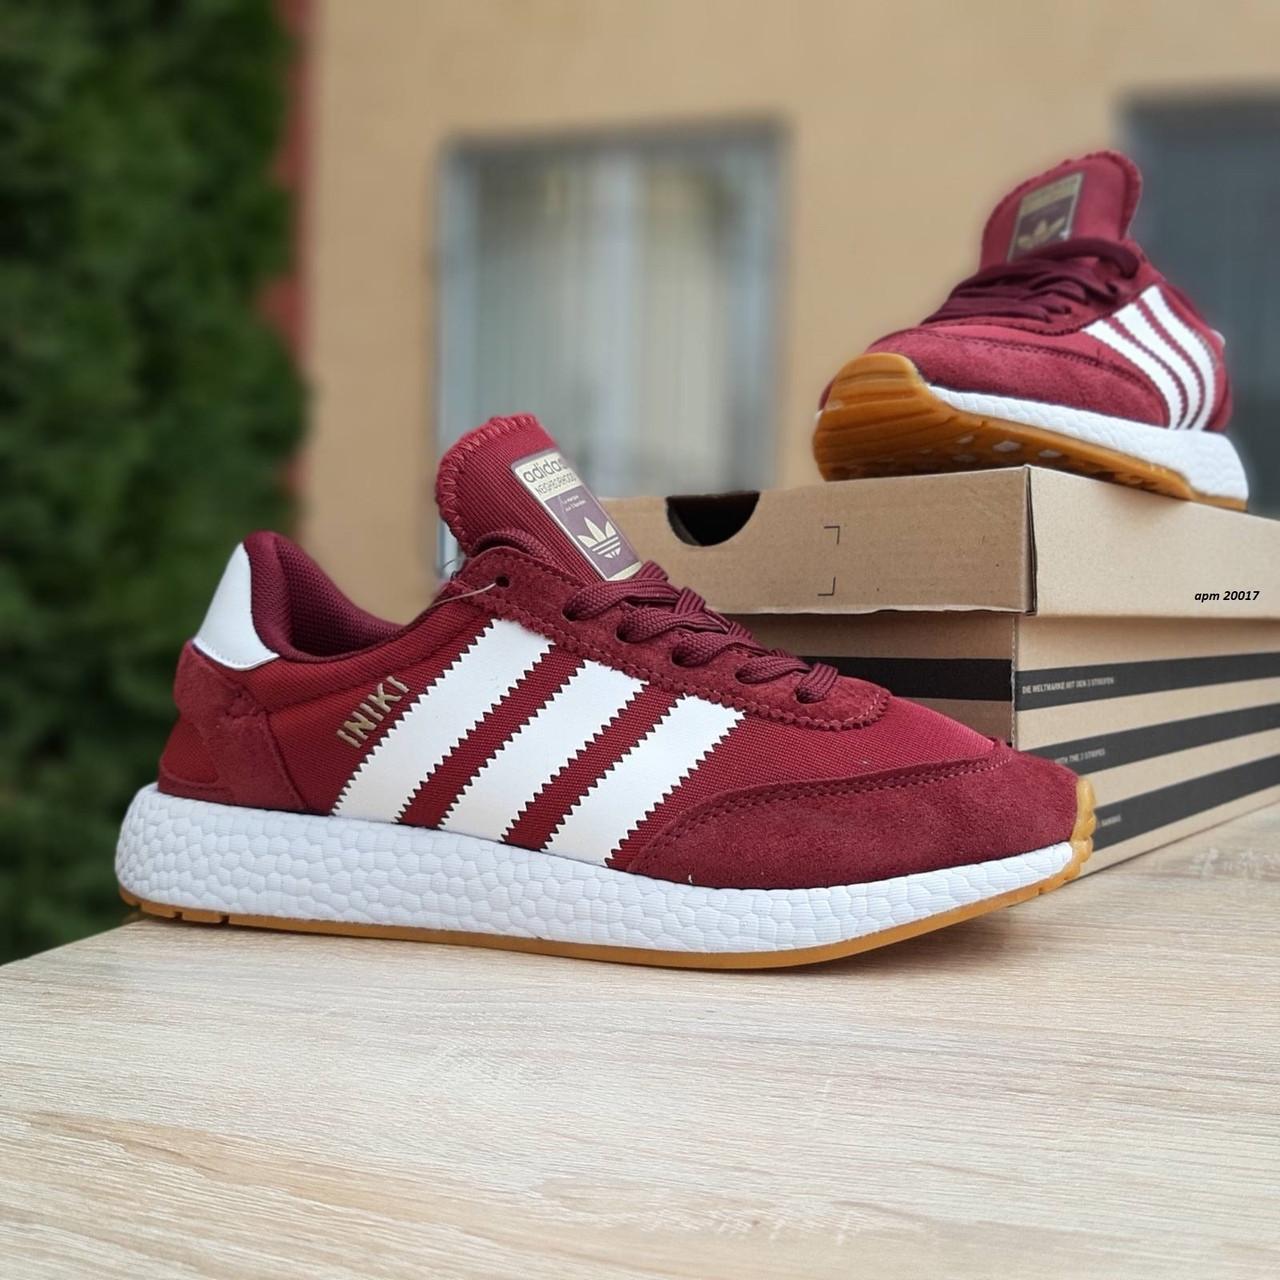 Кроссовки распродажа АКЦИЯ 650 грн последние размеры Adidas 40й(25,5см), 41й(26см) люкс копия